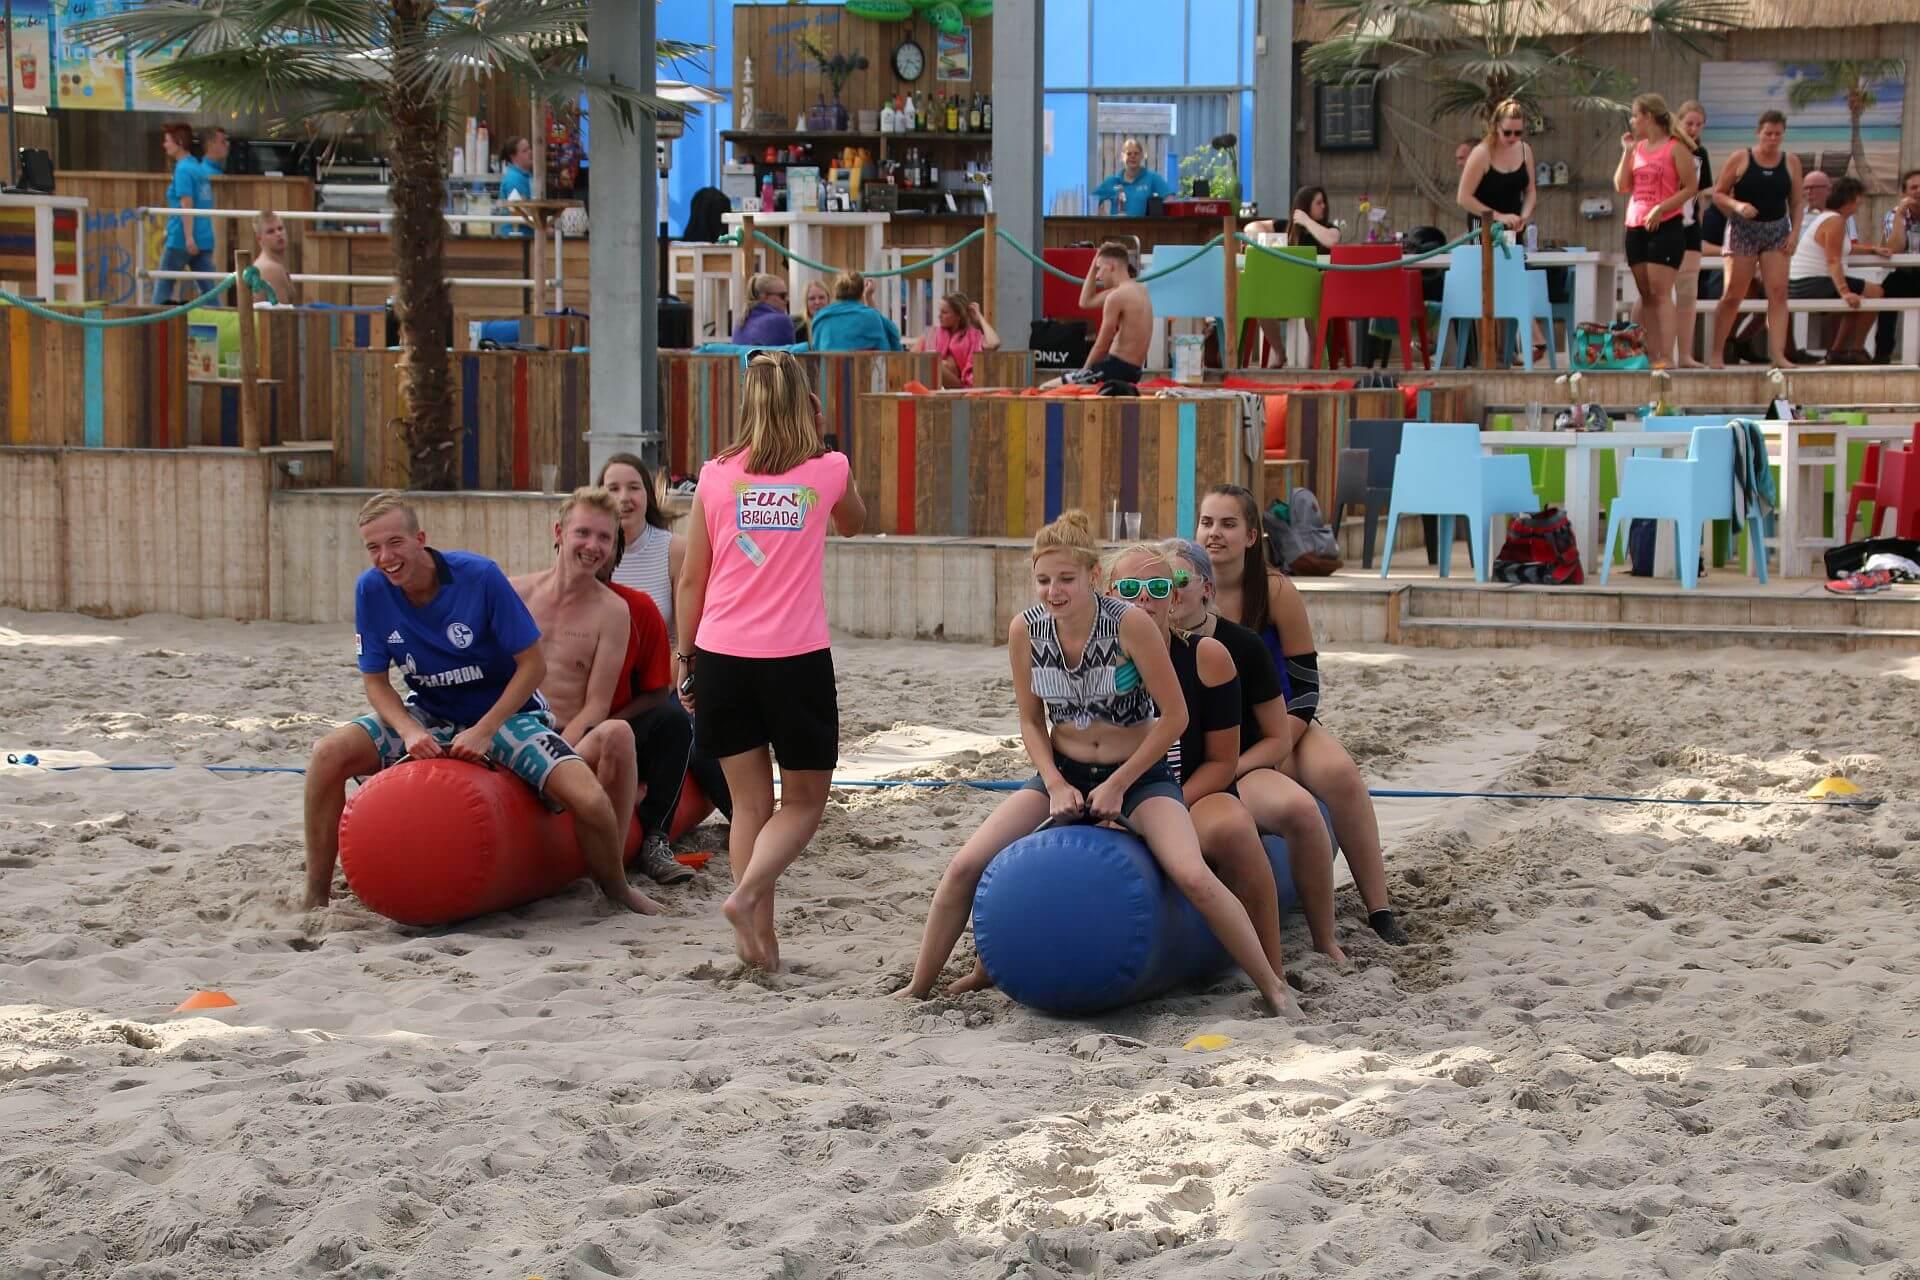 Freizeitaktivitäten für Jugendliche auf 5 Sterne Campingplatz - Freizeitaktivitäten für Jugendliche